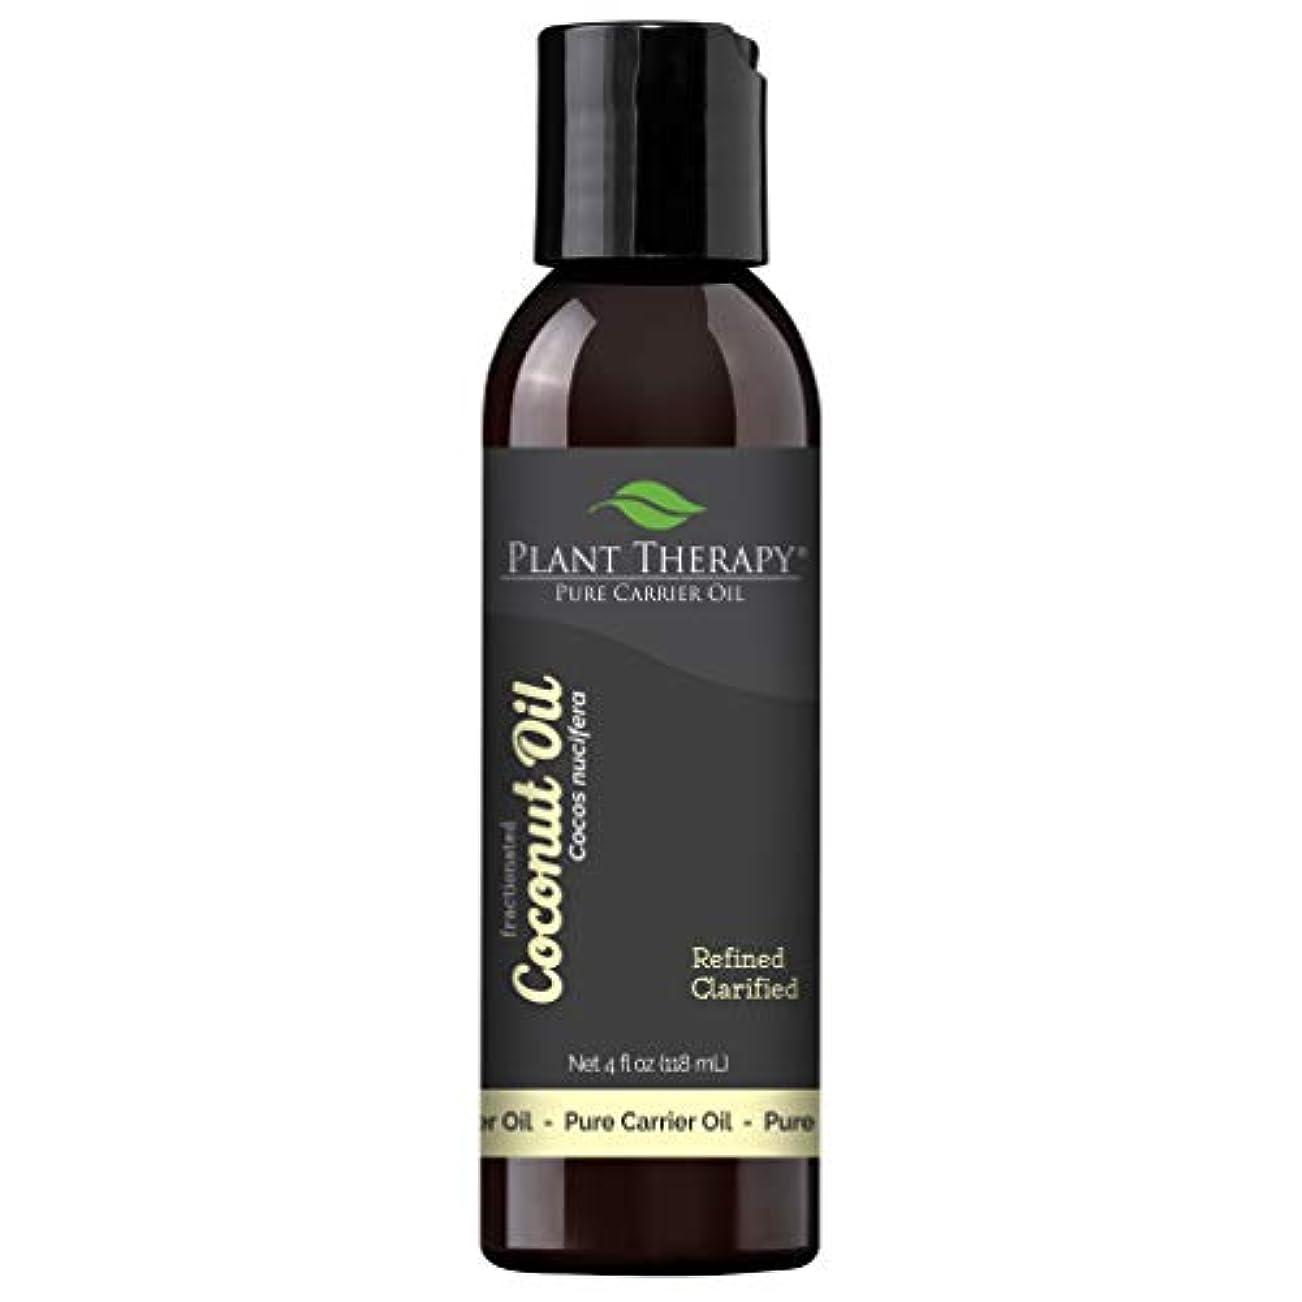 不完全なぐったりコットンPlant Therapy Essential Oils (プラントセラピー エッセンシャルオイル) ココナッツ (分別蒸留) 4 オンス キャリアオイル